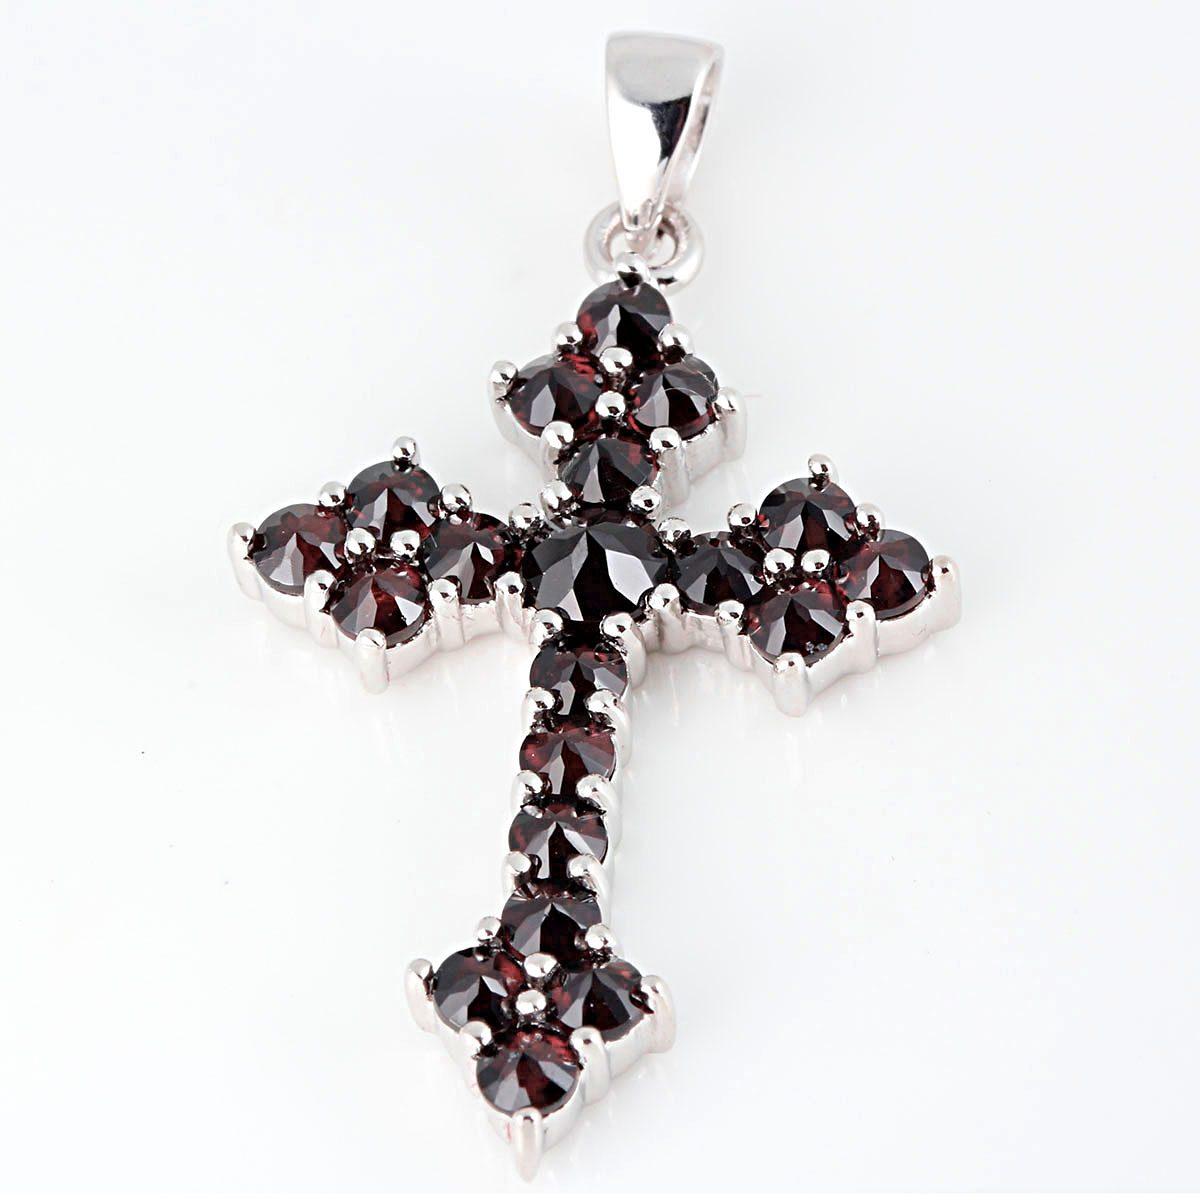 Averdin Kreuz Collier mit 20 Granat Steinen